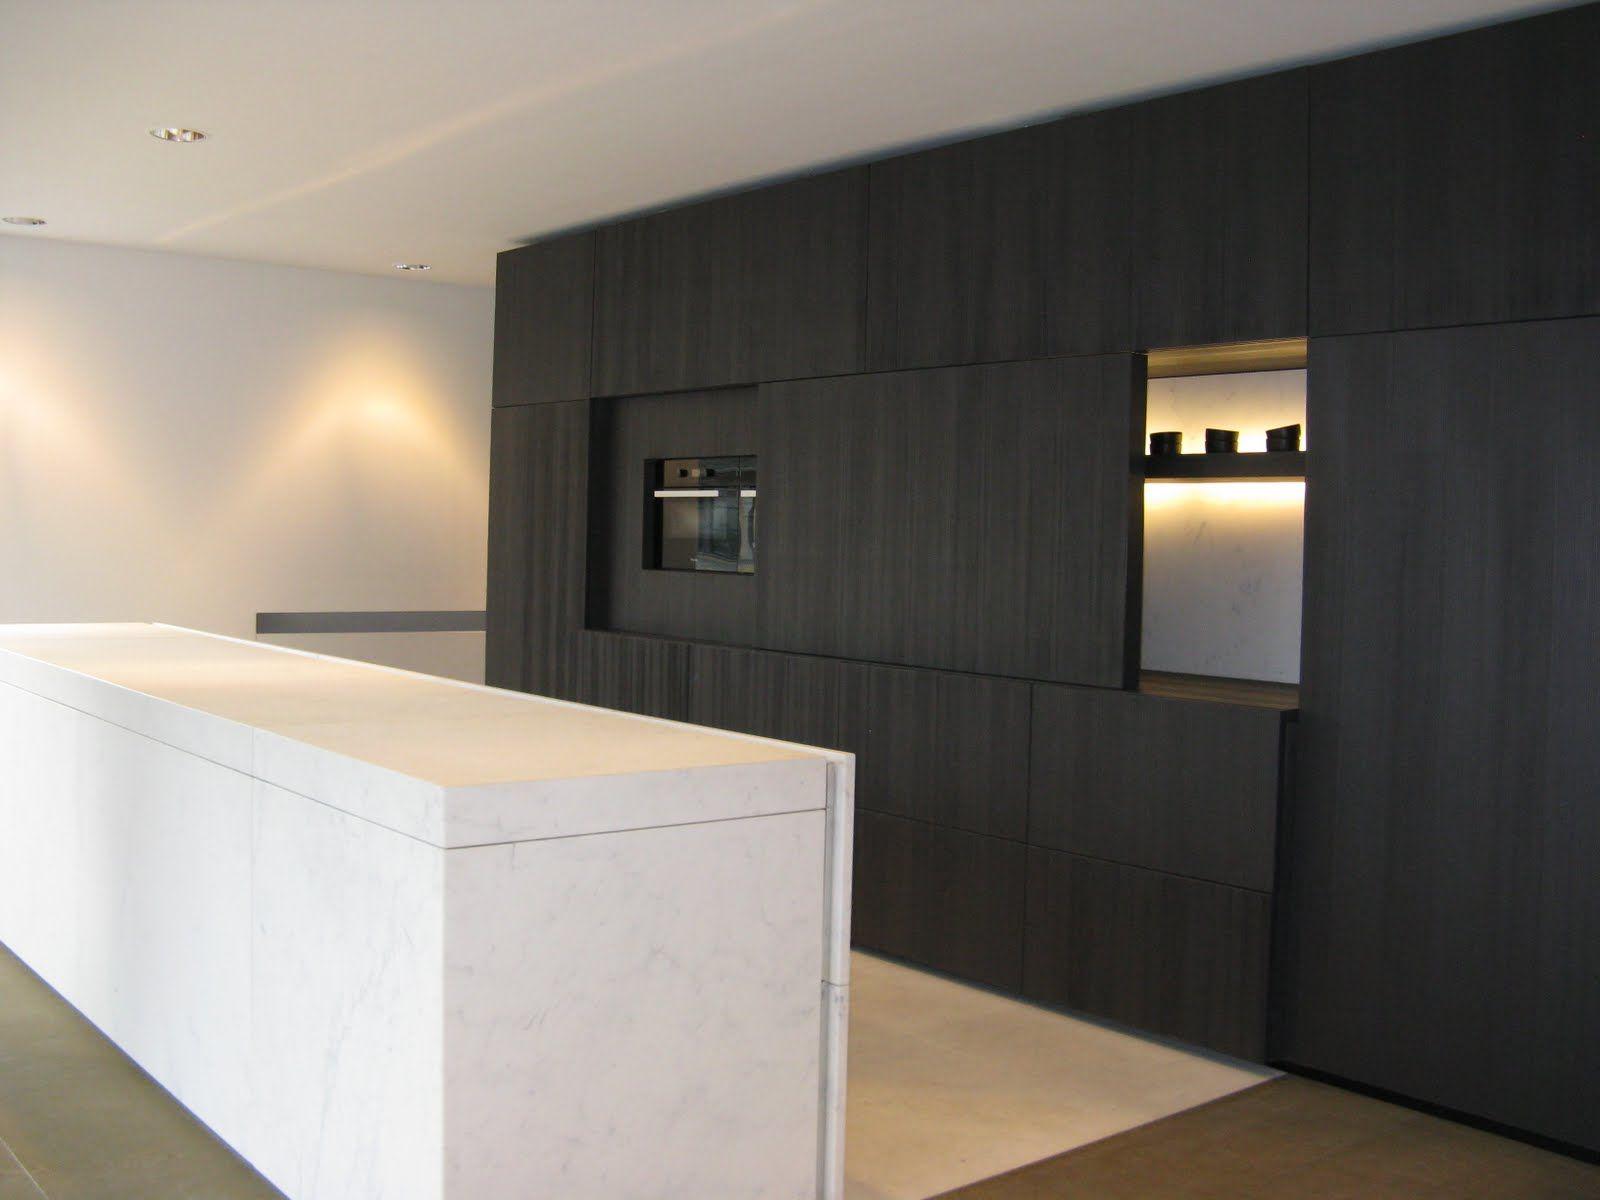 Moderne Keuken Donker : Moderne keuken donker hout wit schuifdeursysteem kastenwand